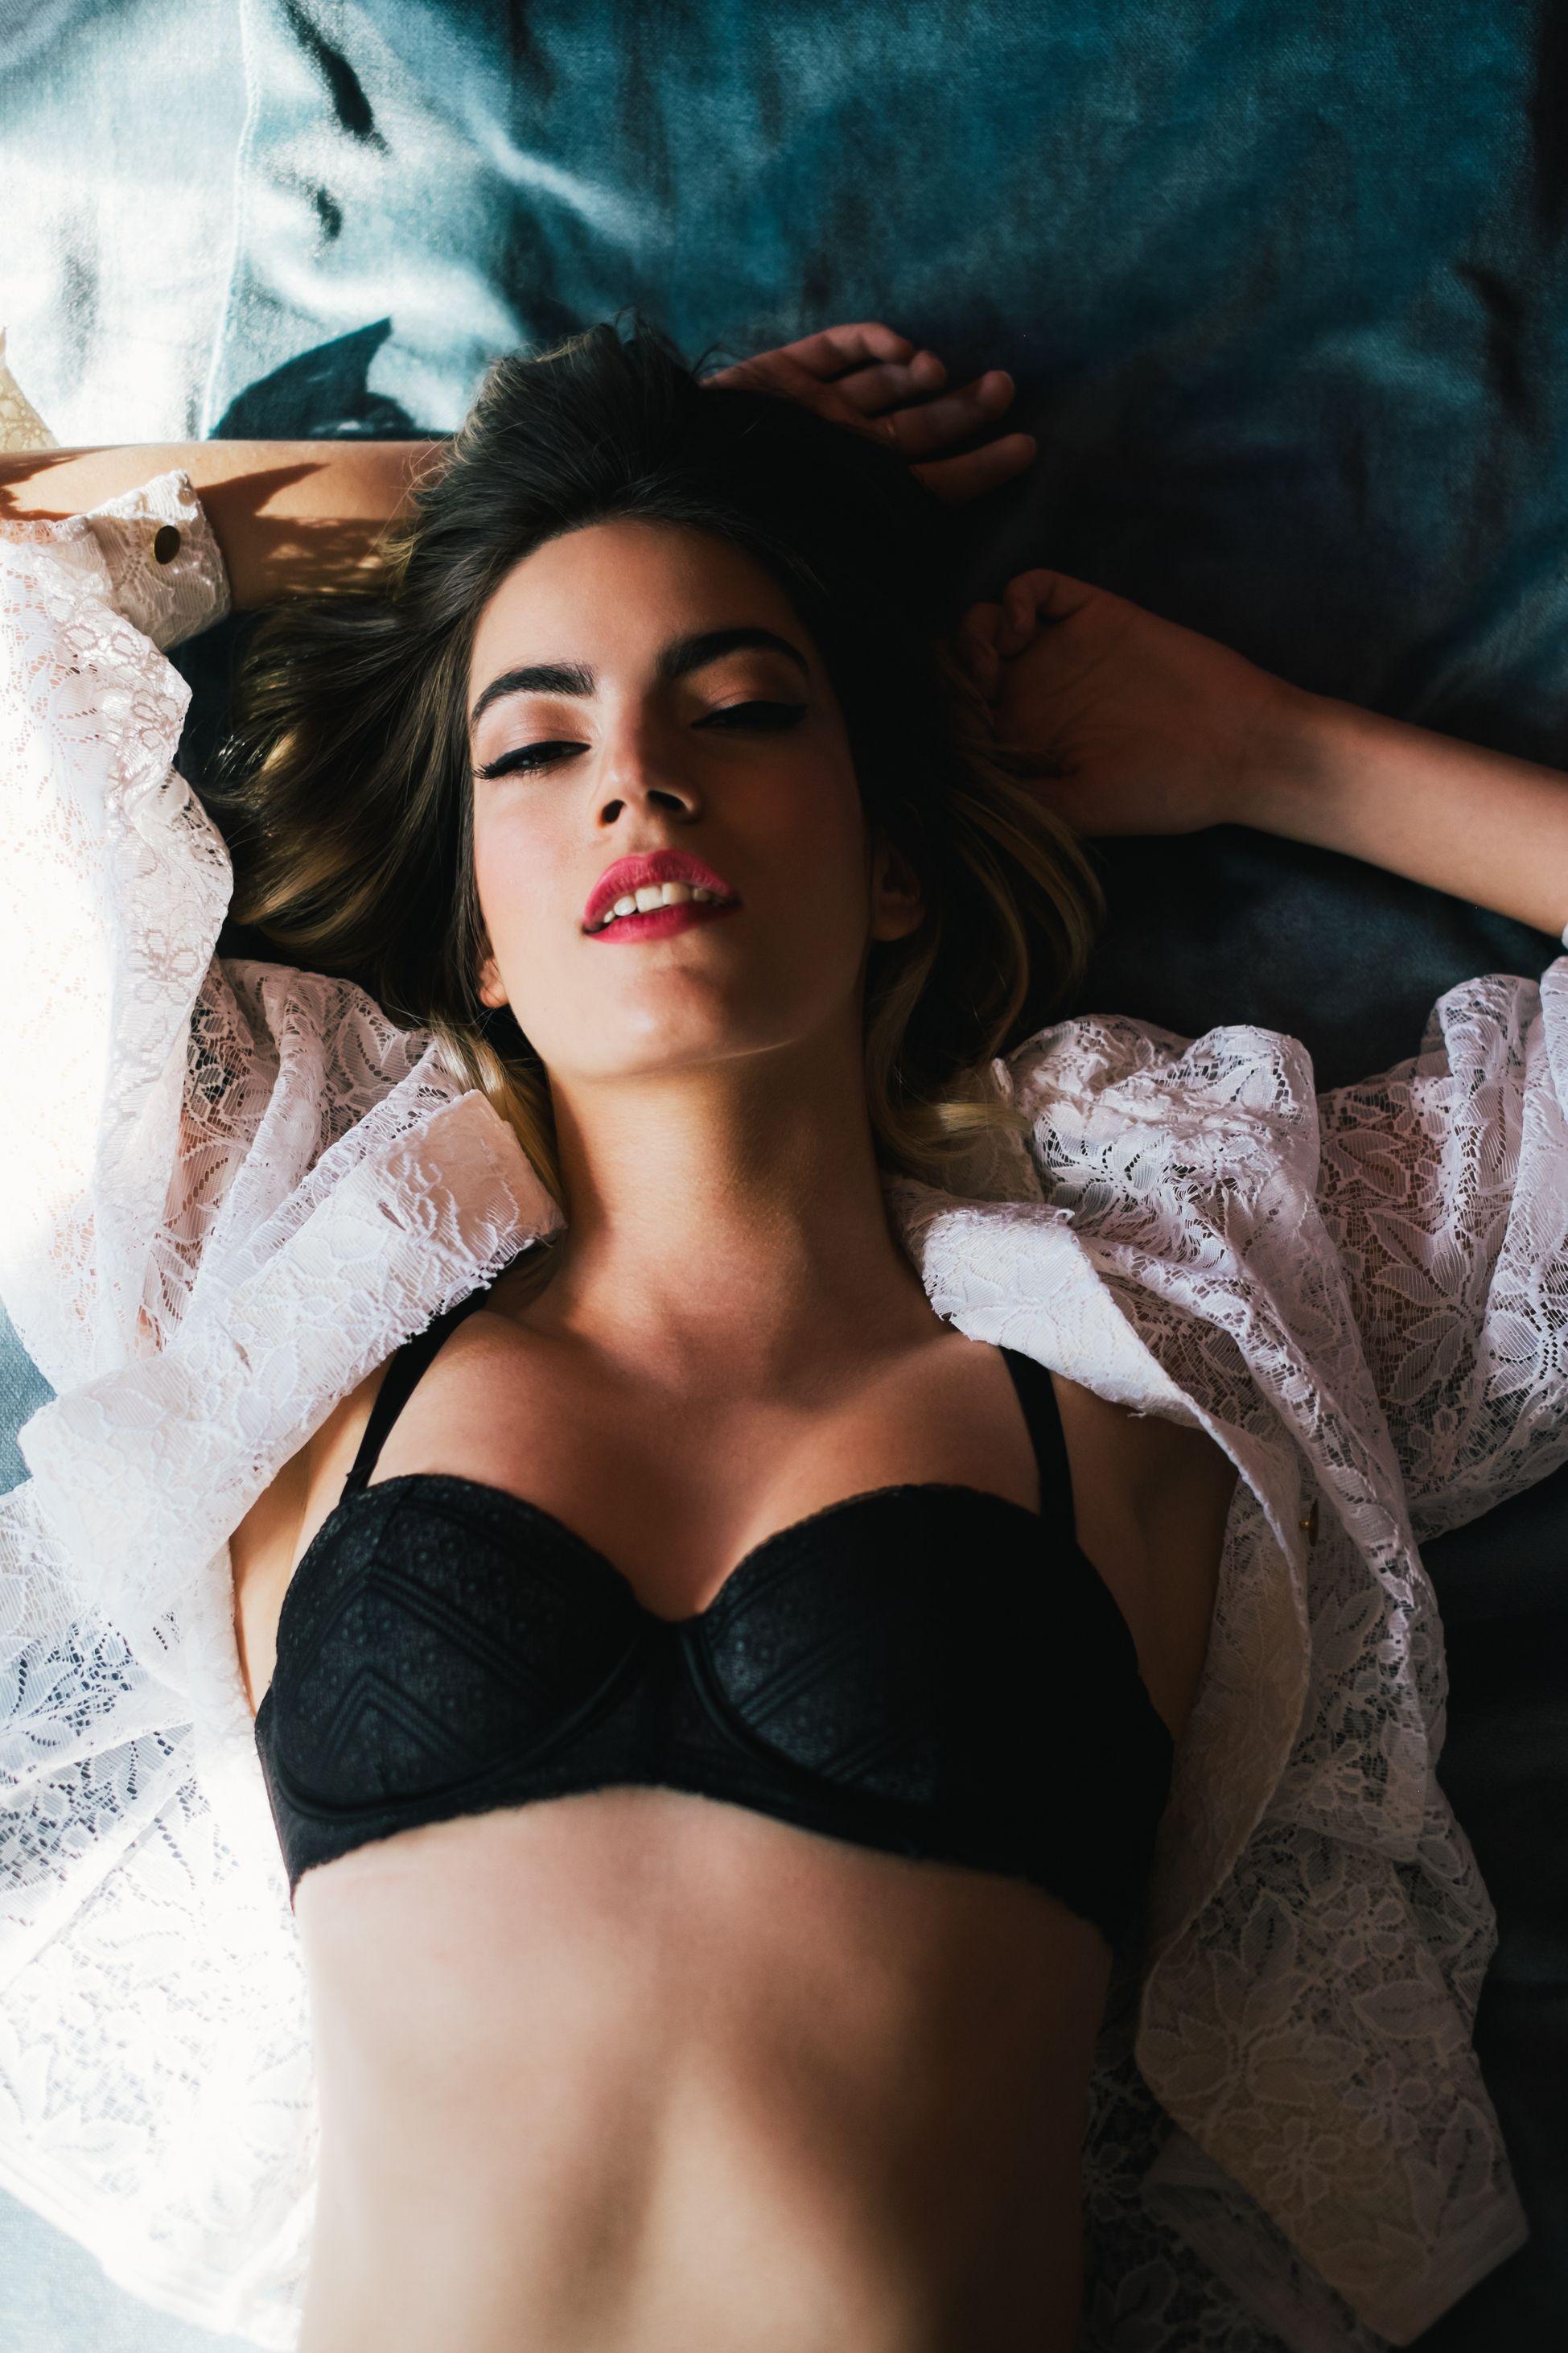 Sexxx Galleries Hardcore Sex Women Orgism